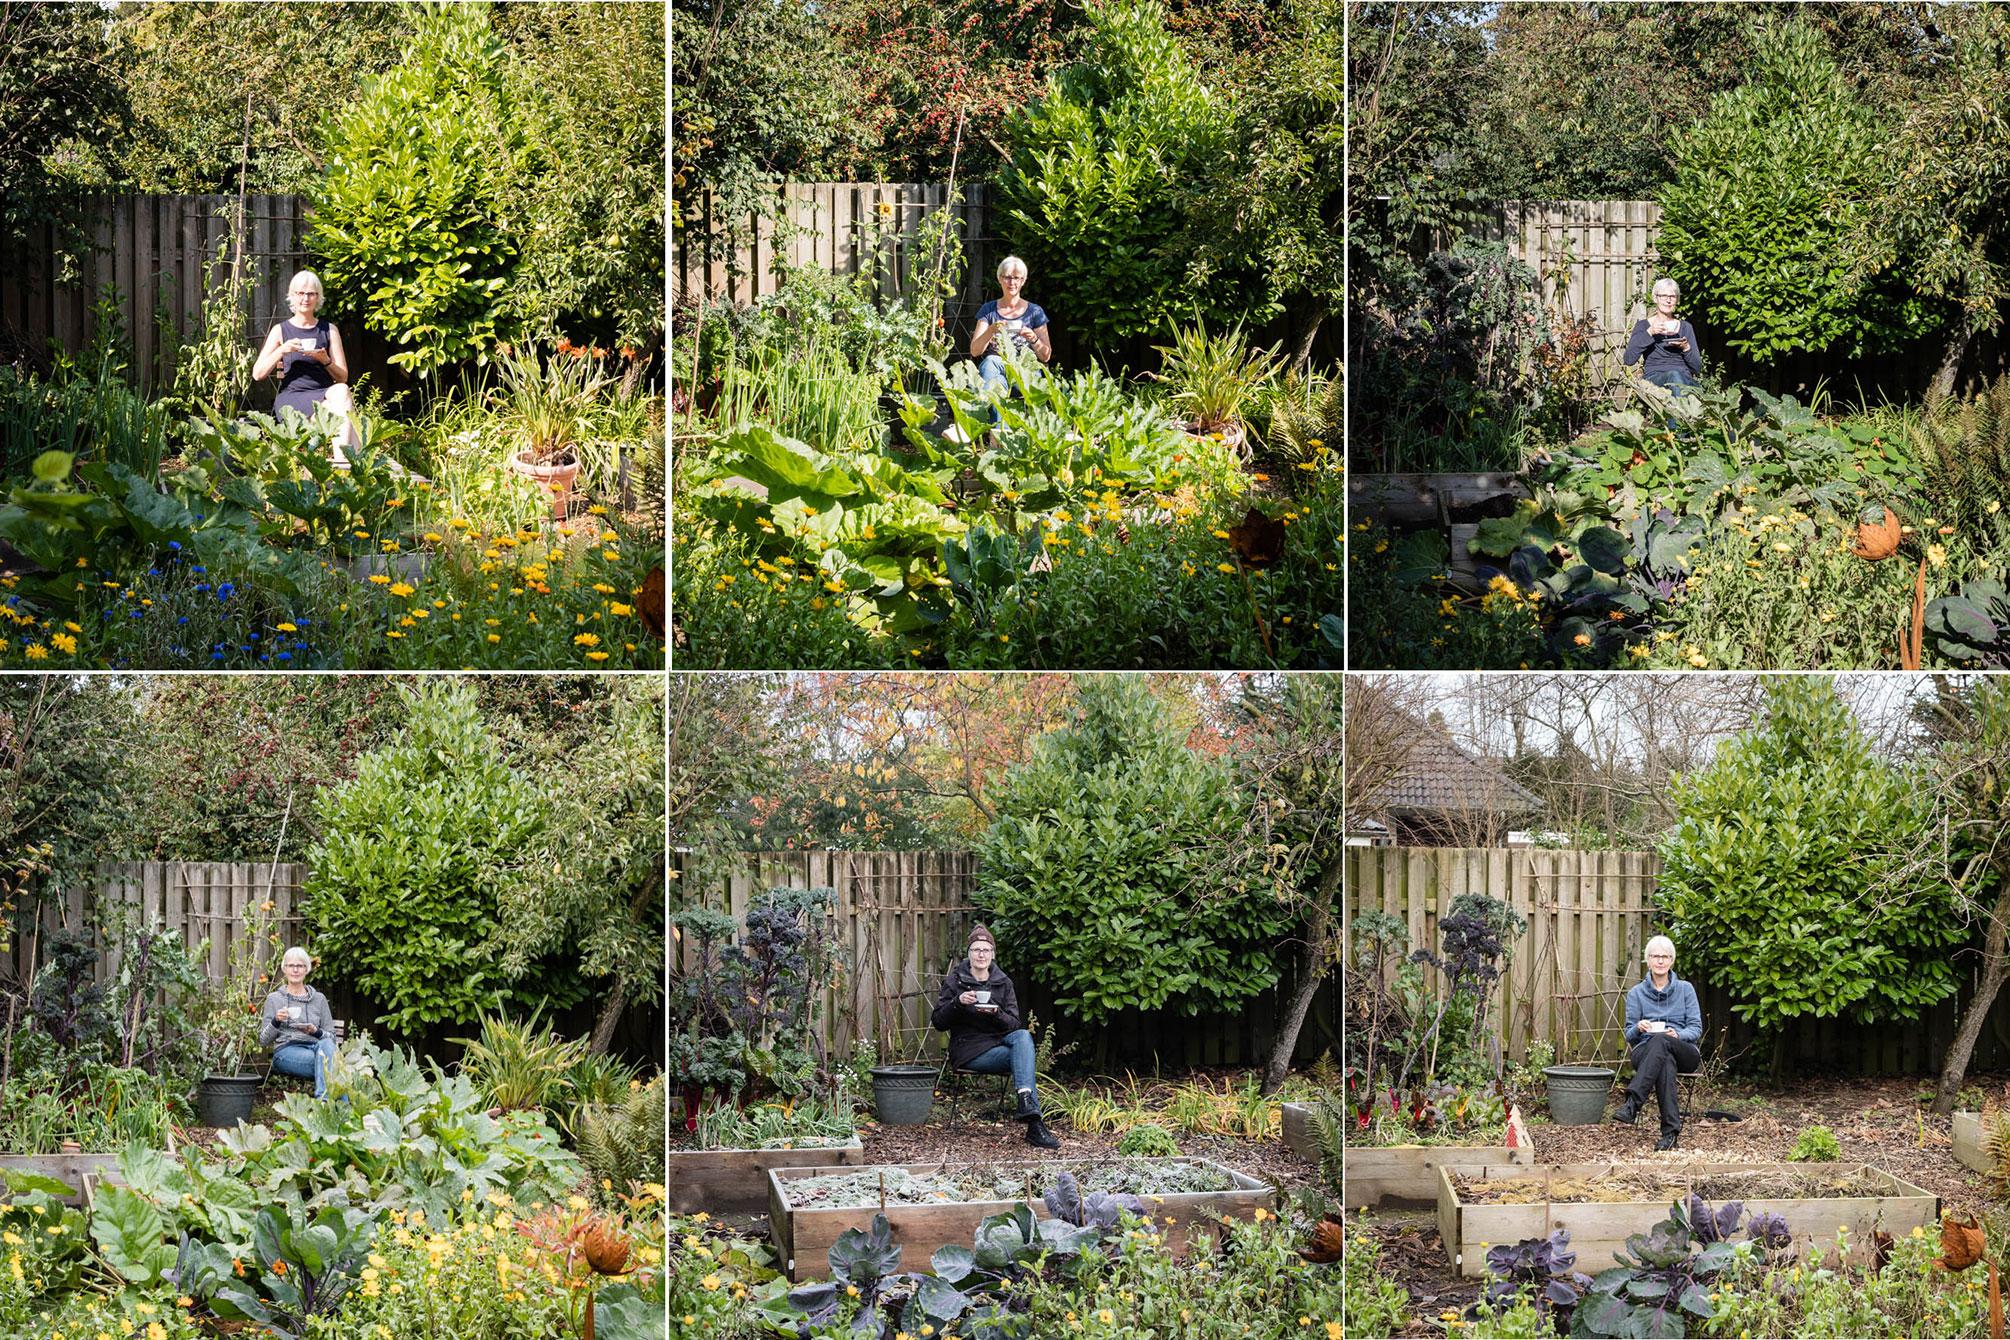 Mein Gartenjahr 2019